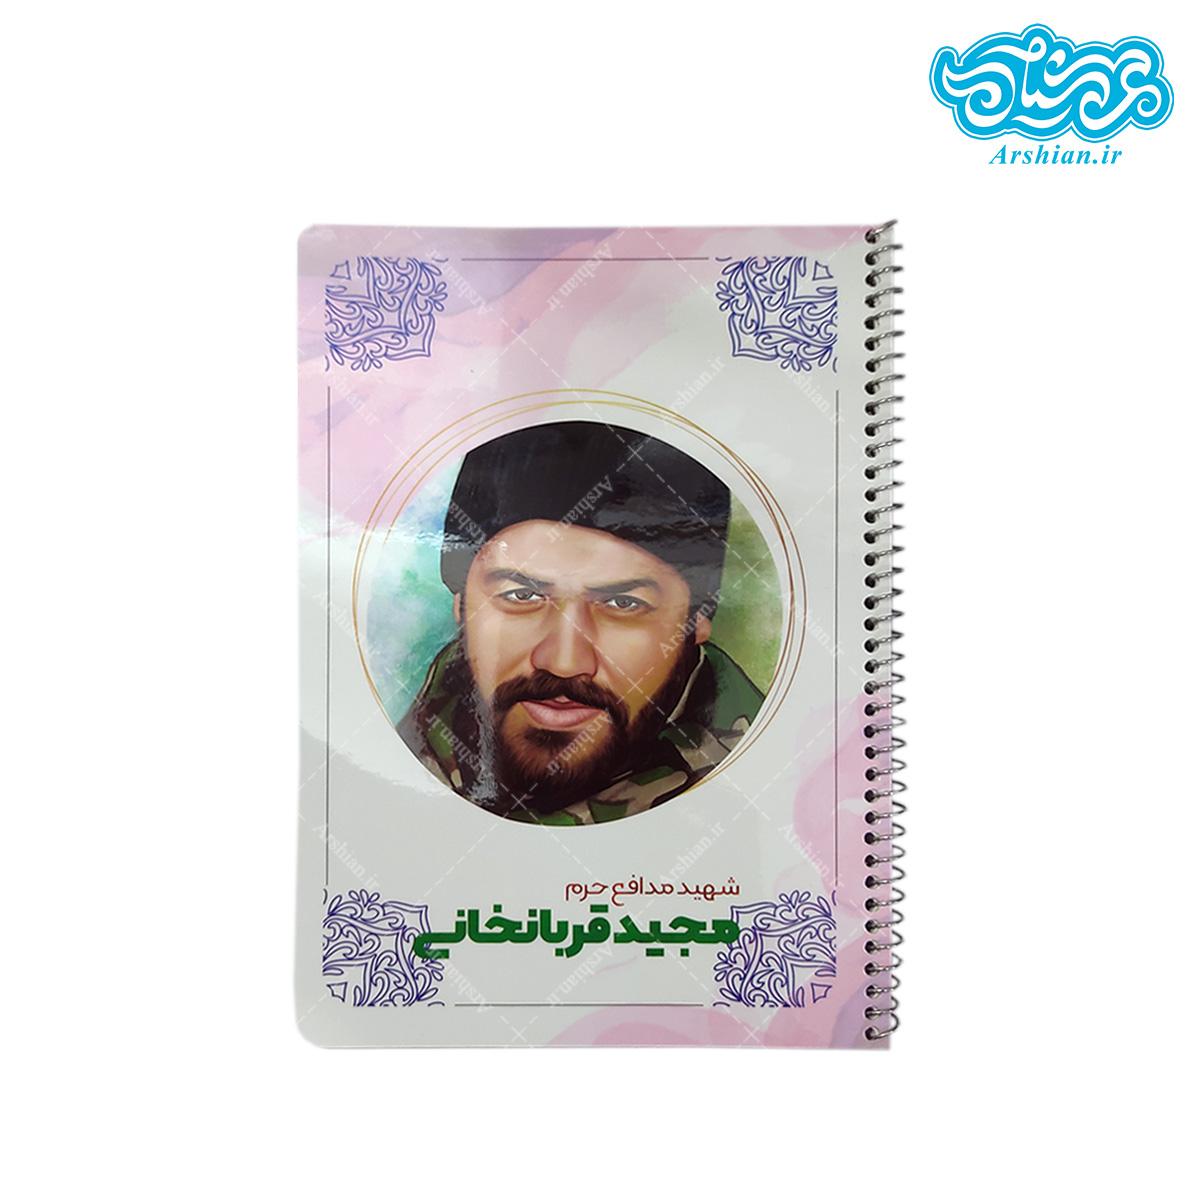 دفتر 50 برگ طرح شهید قربانخانی کد012